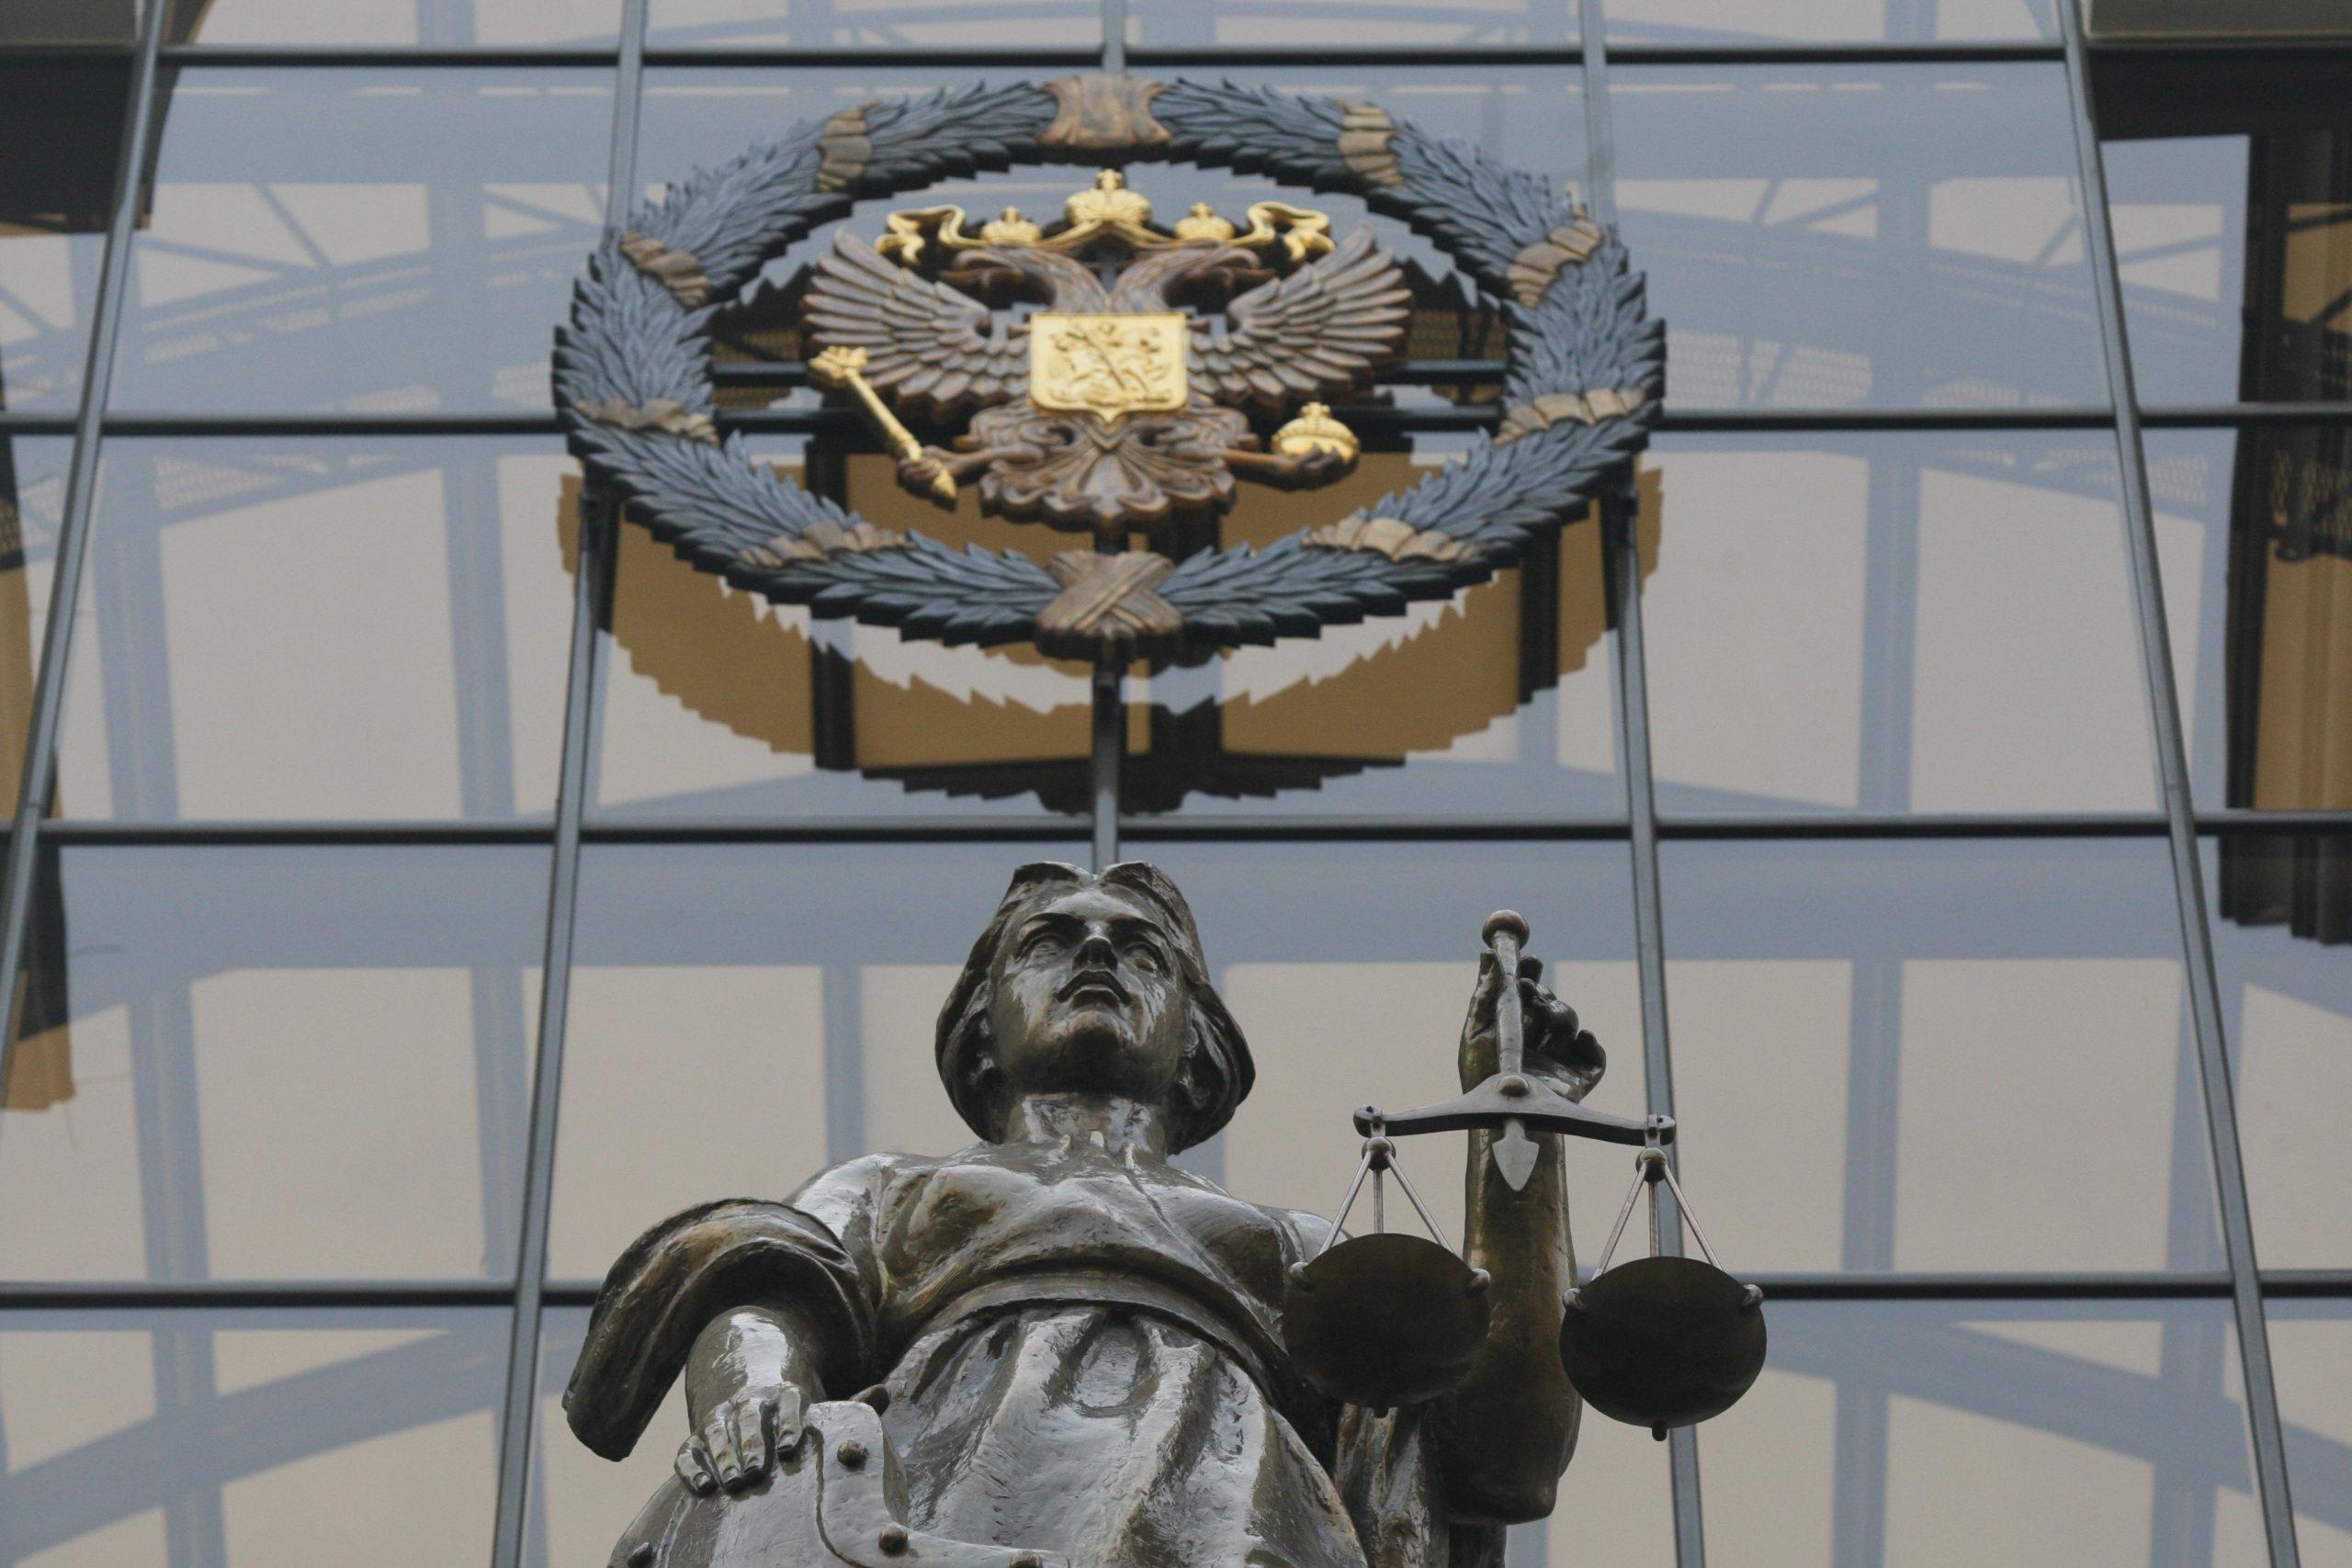 Верховный суд разрешил уходить с работы пораньше в День Рождения